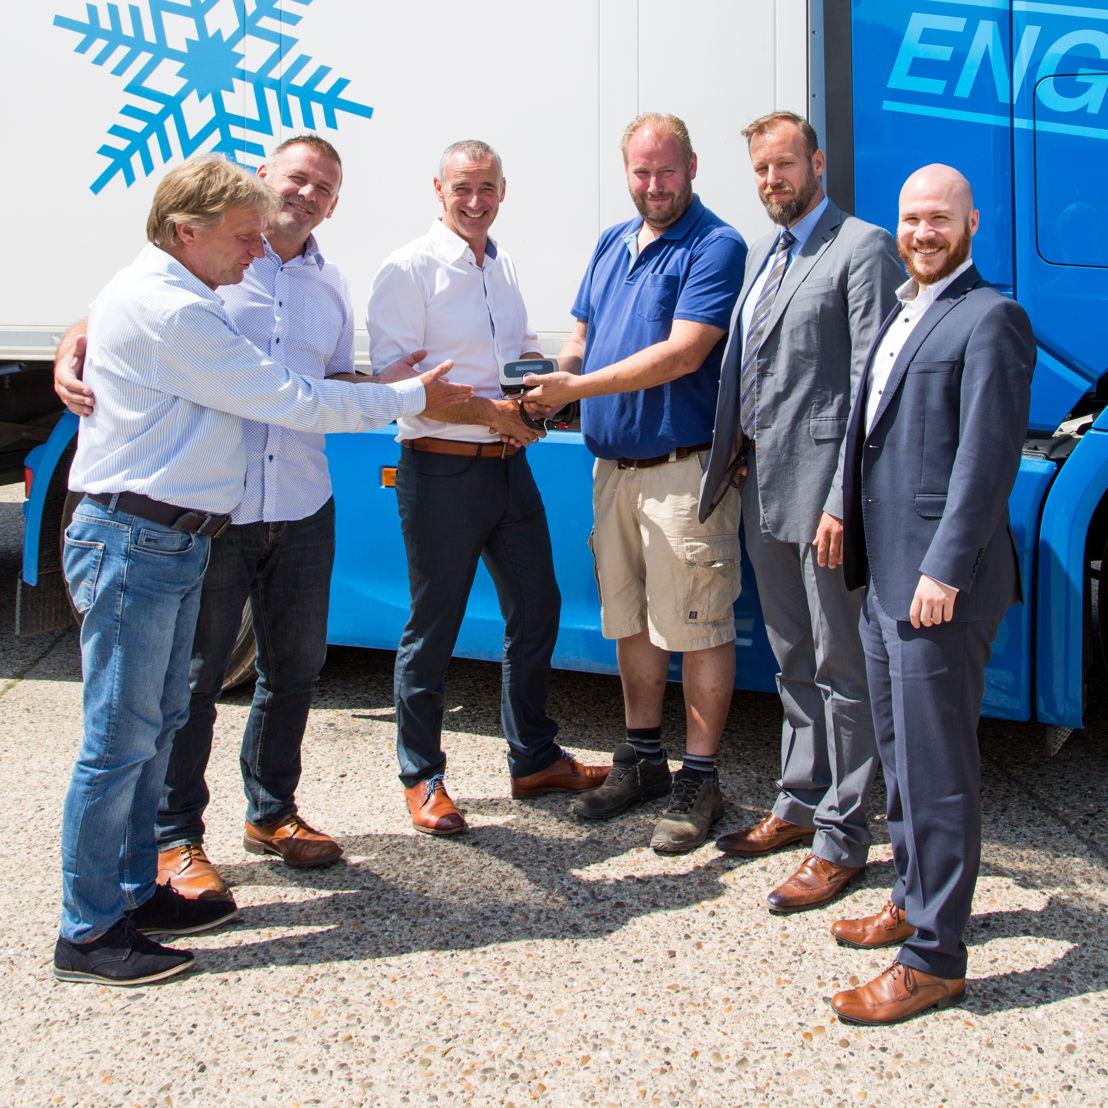 Van links naar rechts: Jesus Boeckx, Diederik Brutsaert, Hans Cousserier, Michel Engelbosch, Koen Van Ballaert en Yannic Hönle.